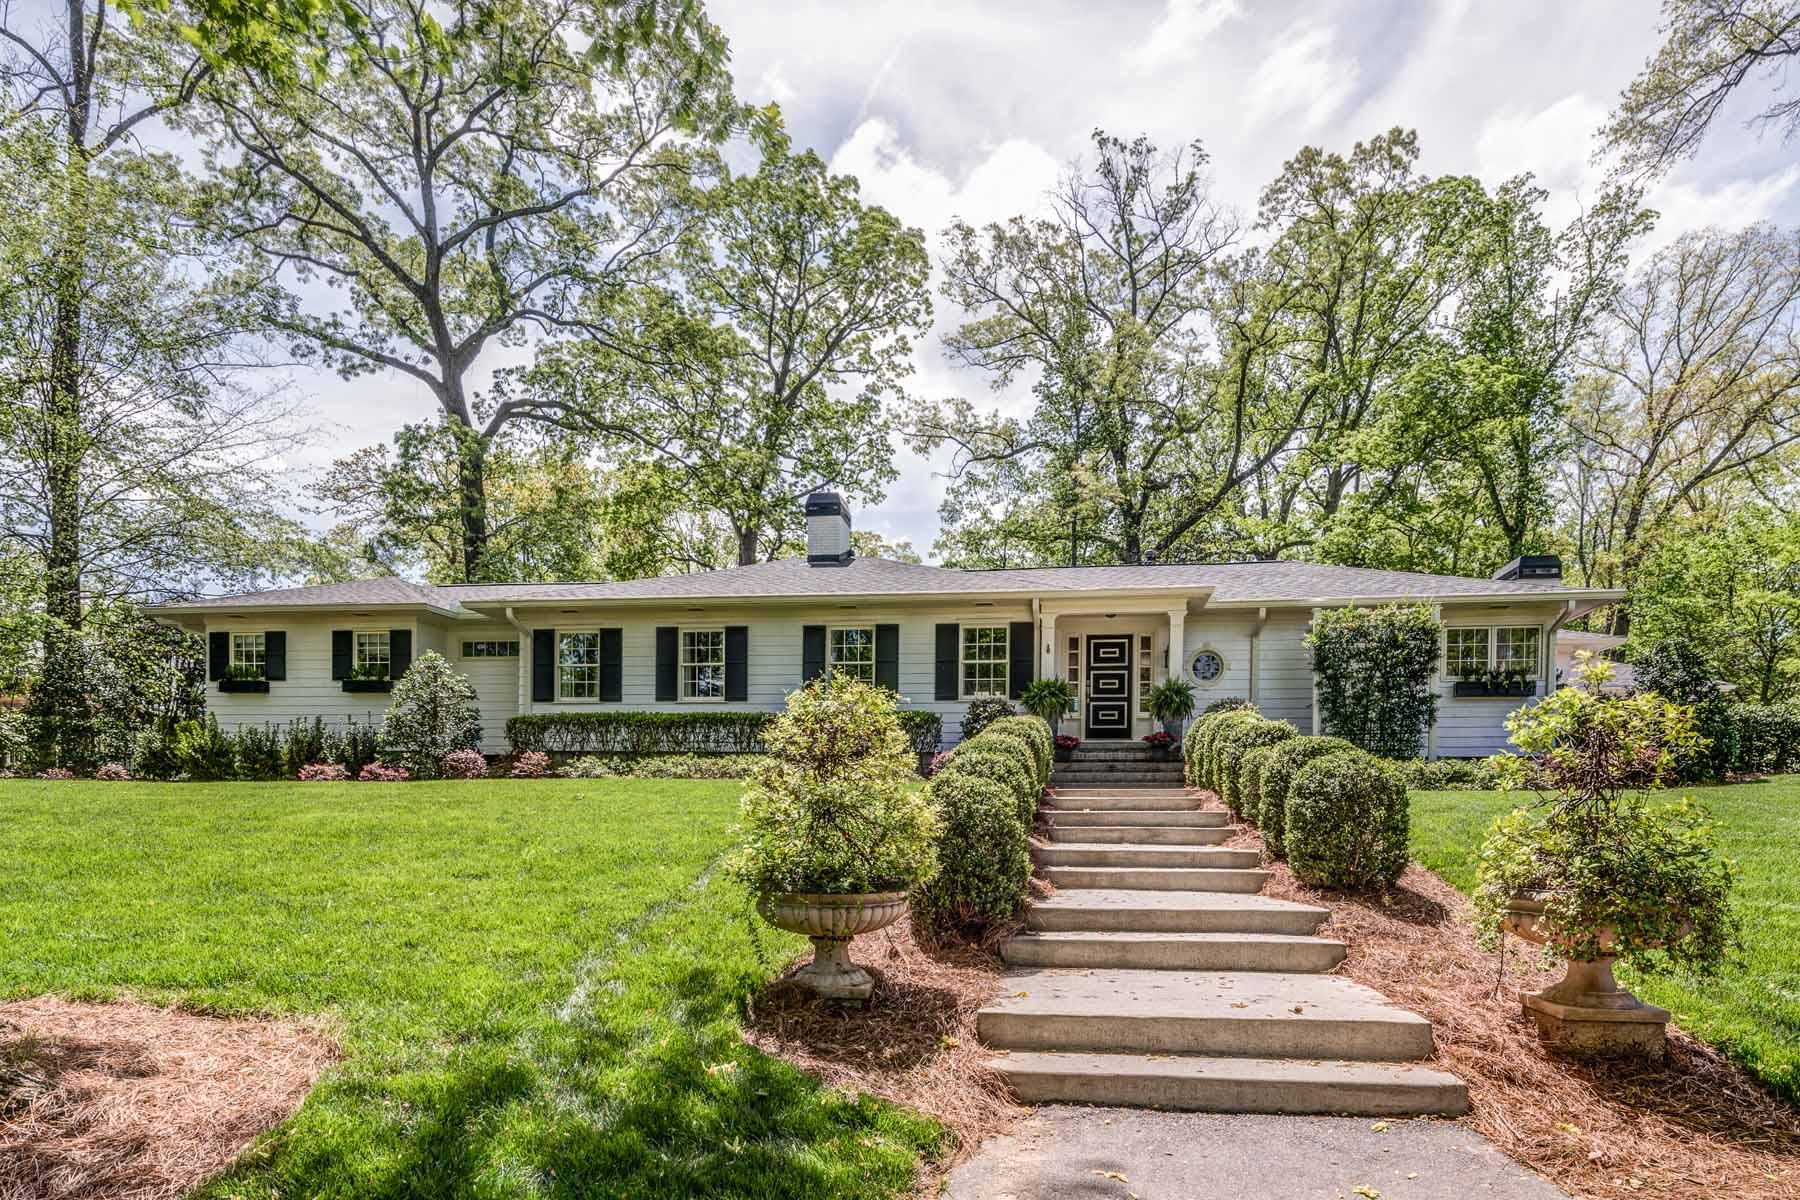 단독 가정 주택 용 매매 에 Historic Intown Estate 1175 Beech Haven Road NE Atlanta, 조지아, 30324 미국